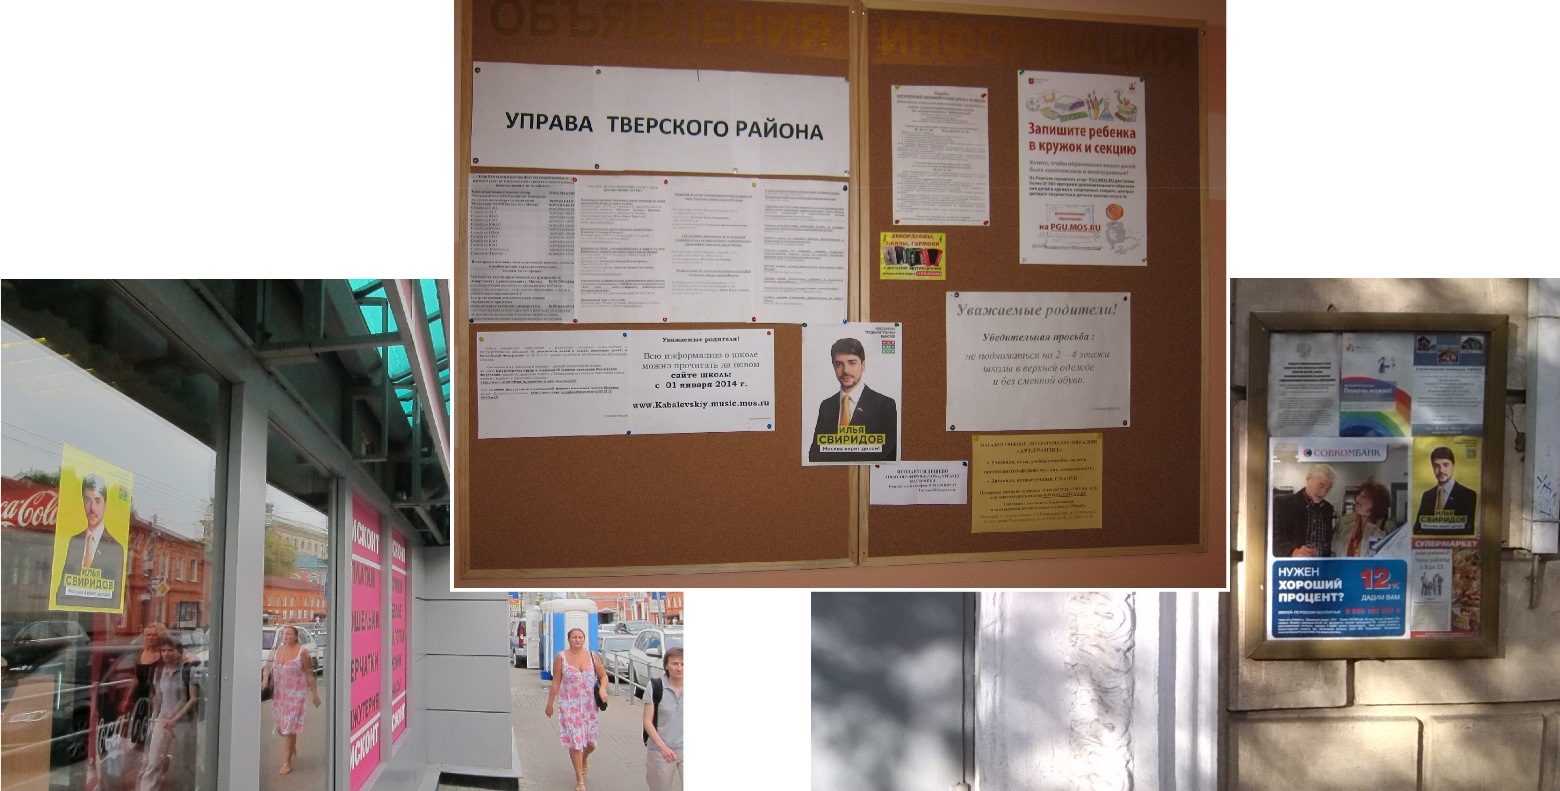 Агитация Ильи Свиридова 2014